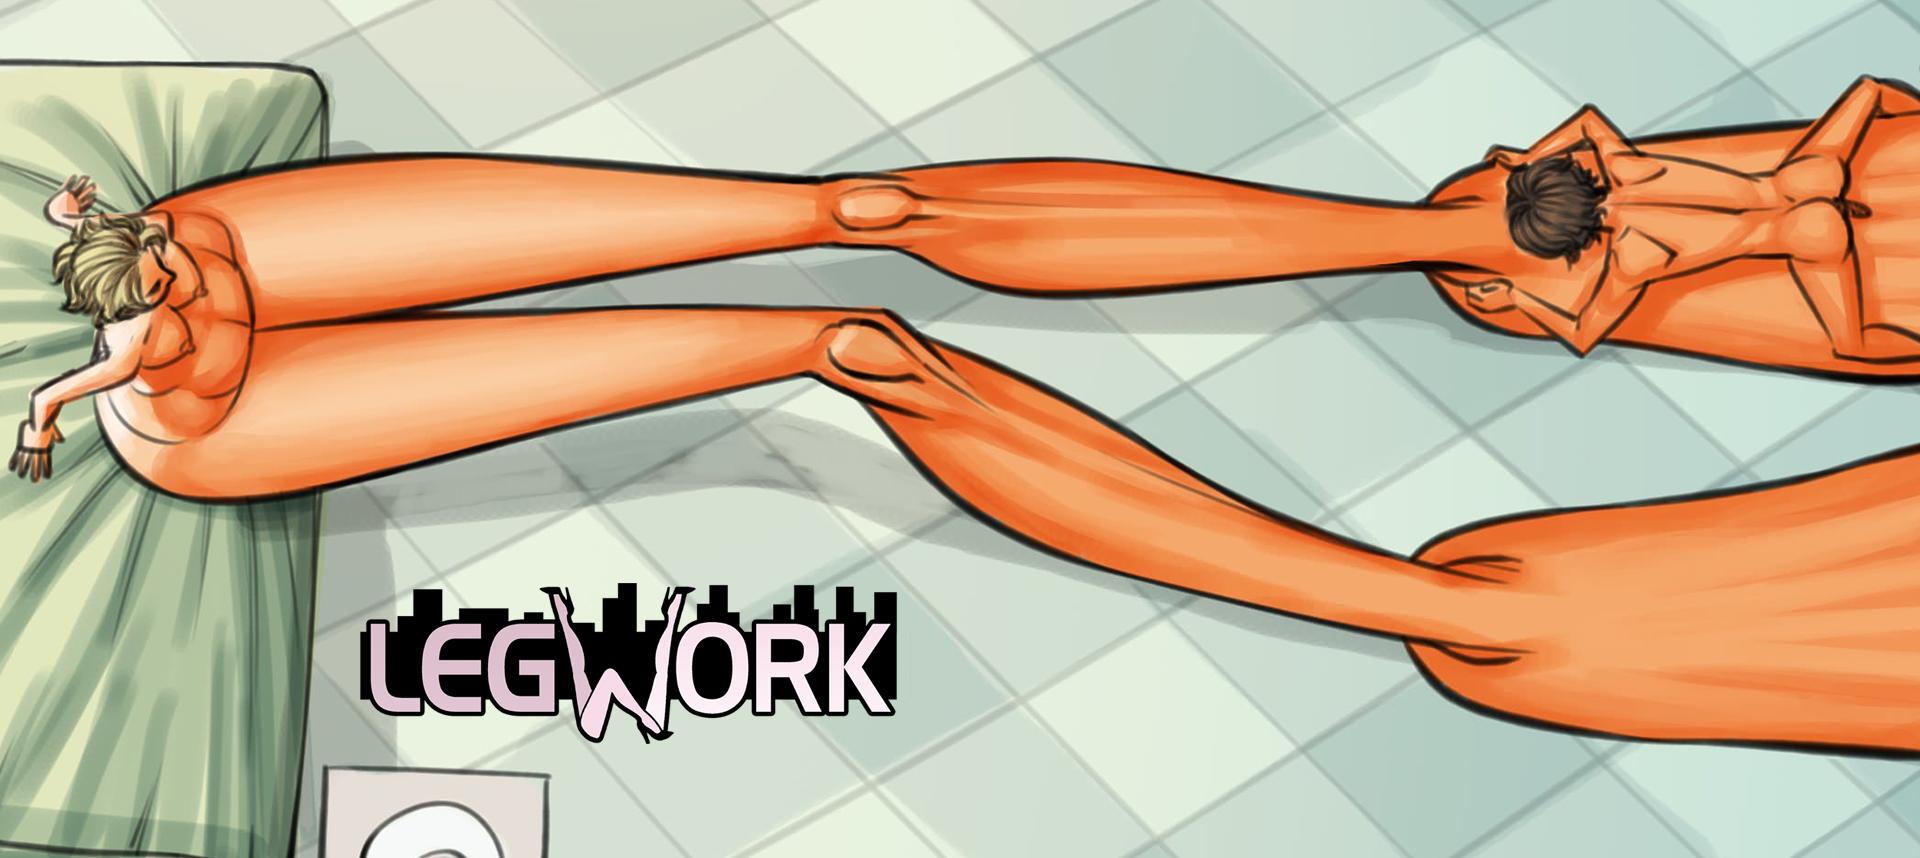 Legwork_01-SLIDE